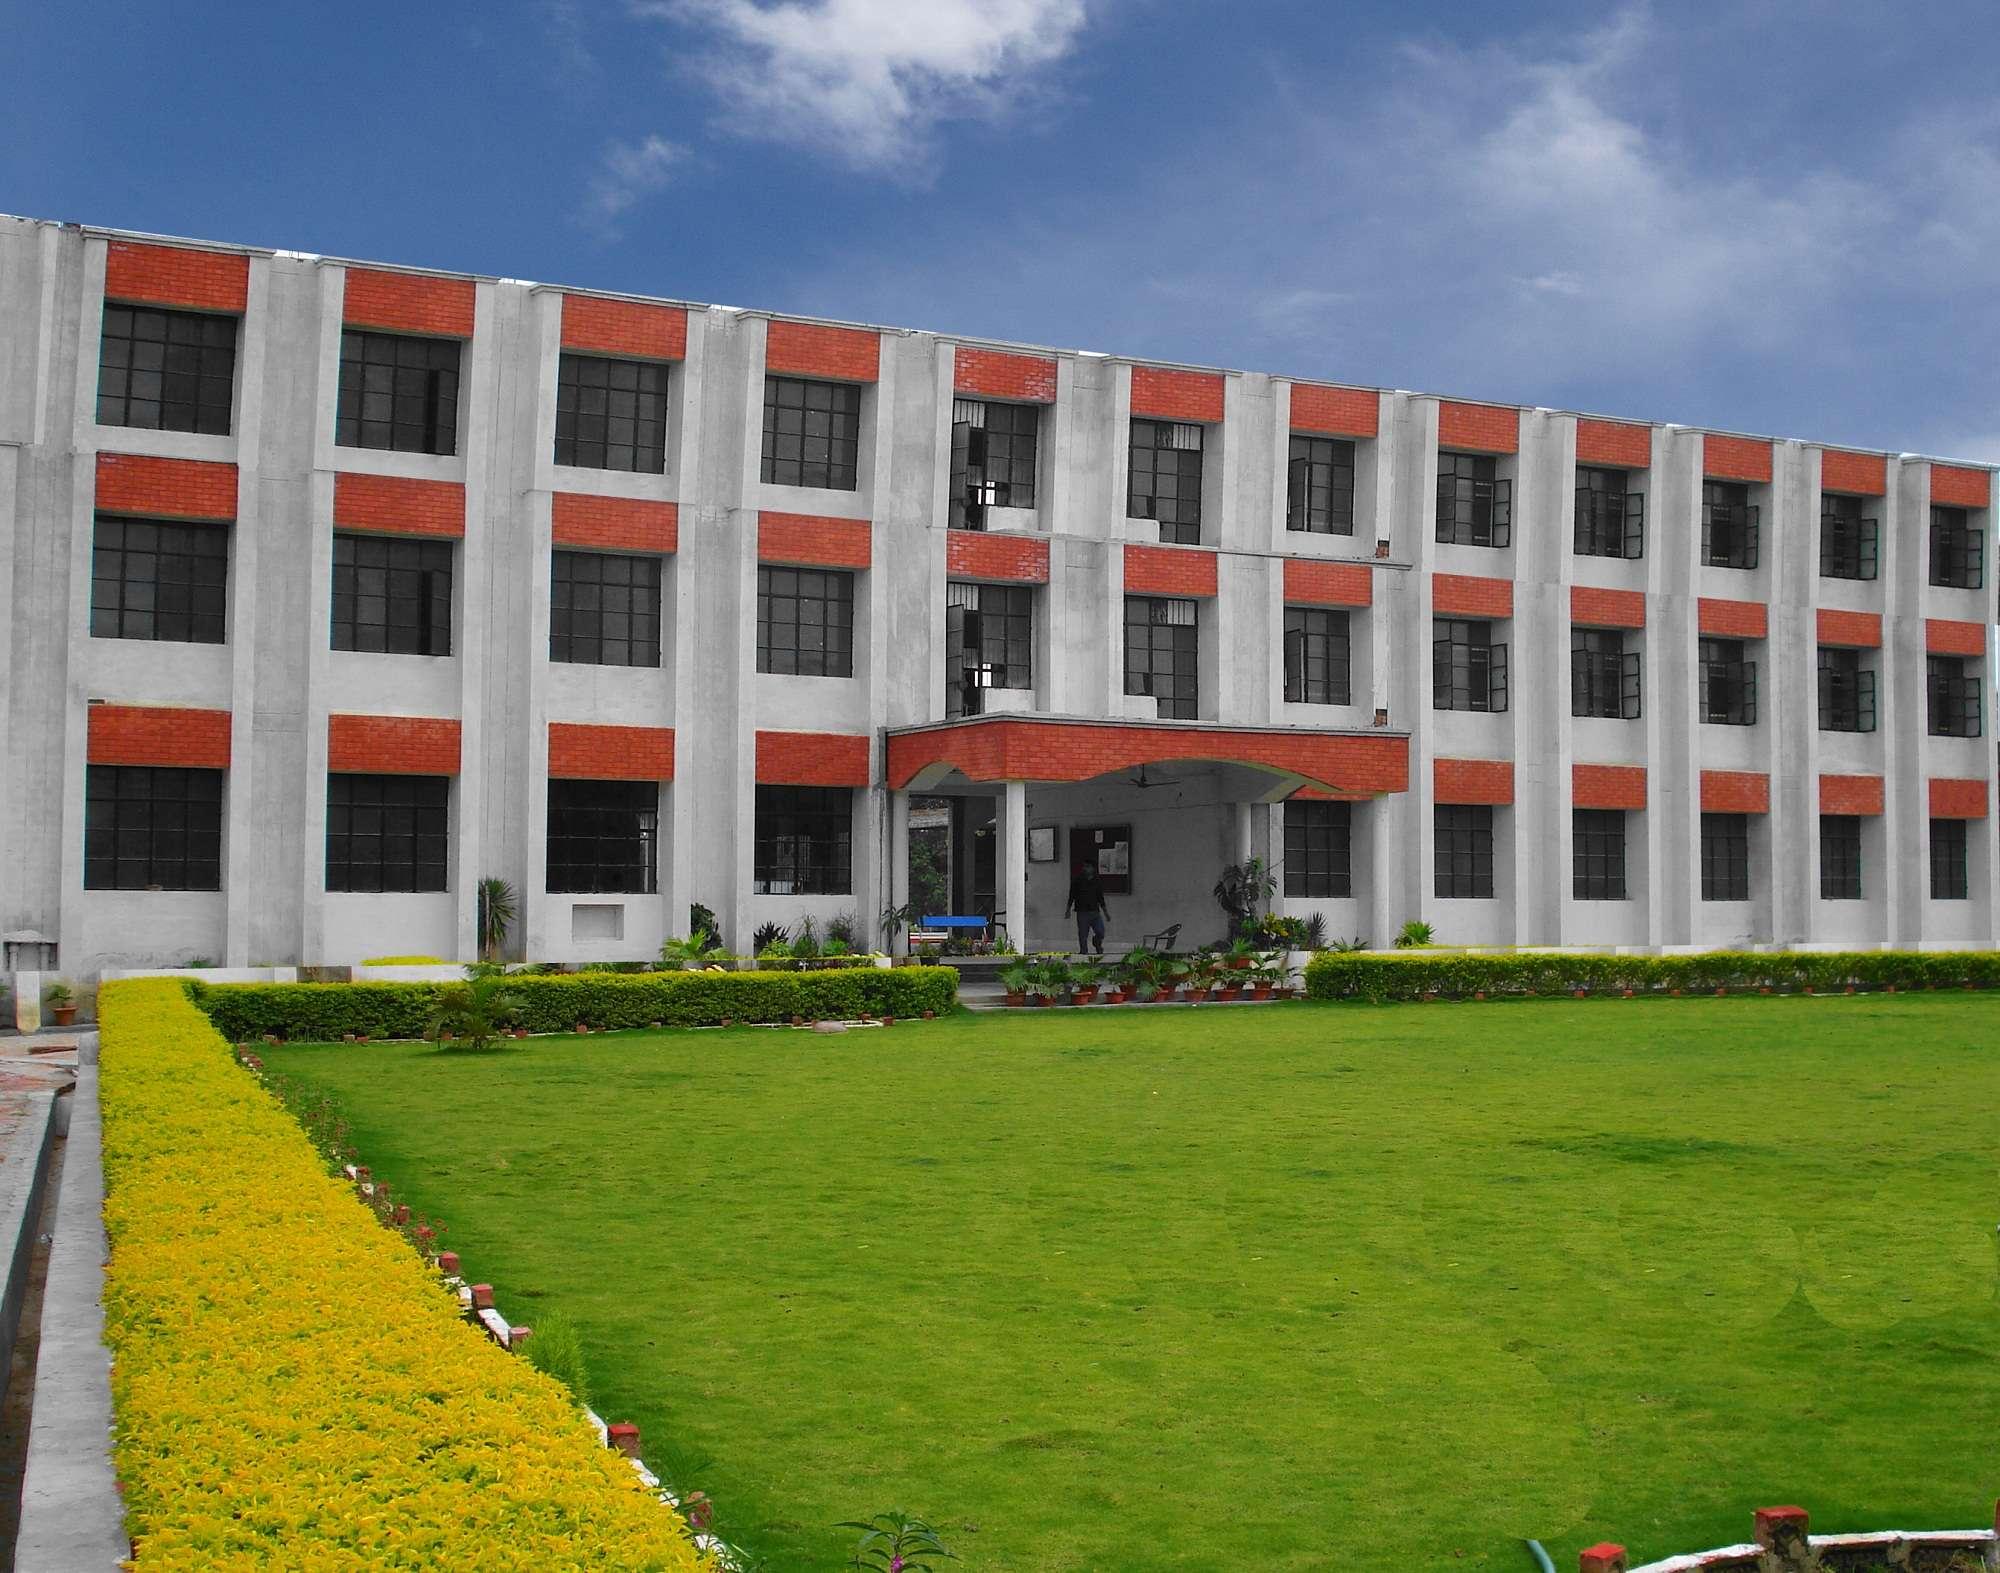 SHARADA PUBLIC SCHOOL BAUDH PARIPATH TULSIPUR ROAD BALRAM PUR UP 2130729